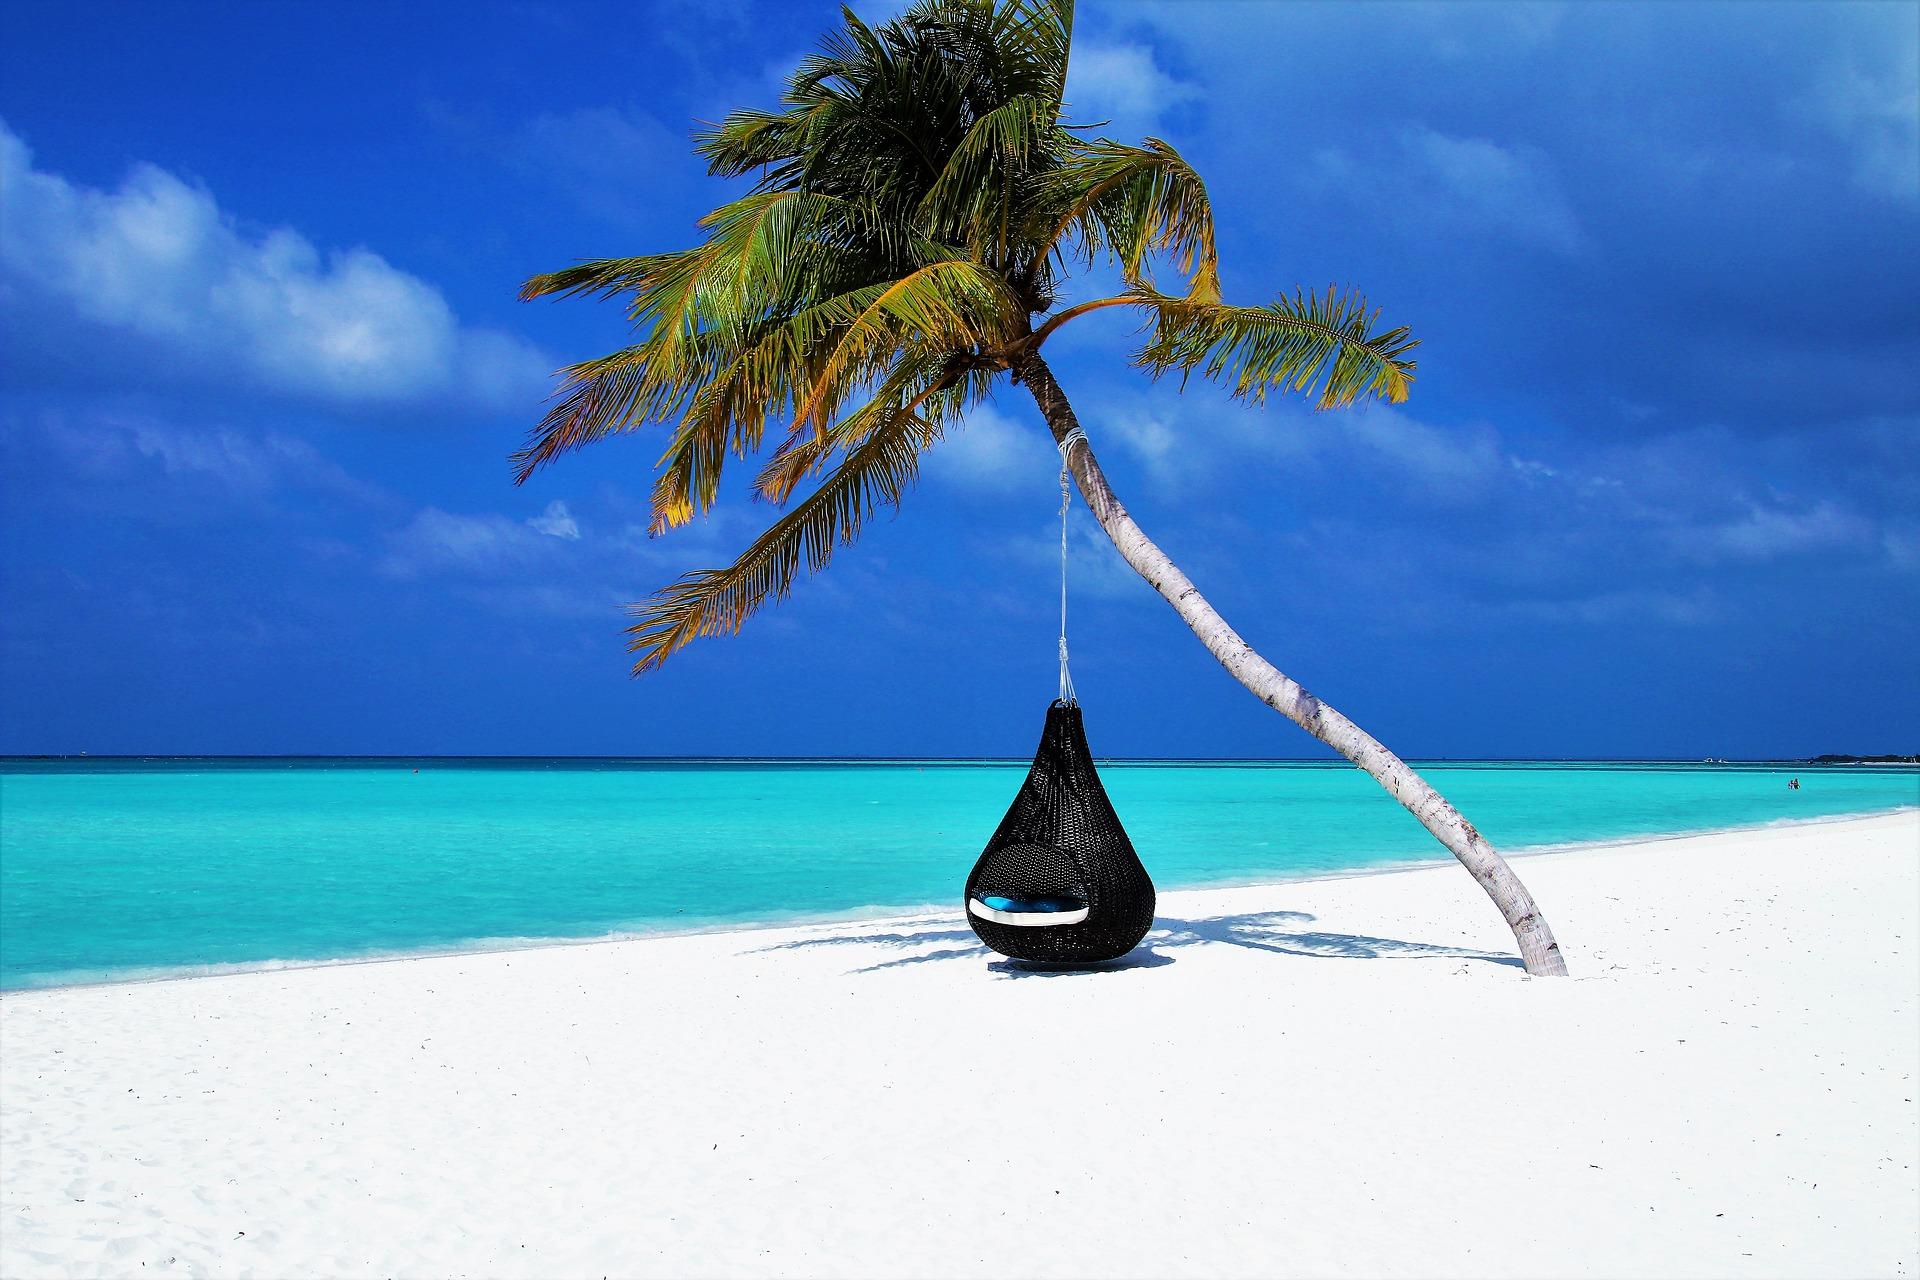 Chillen auf den Malediven am Traumstrand